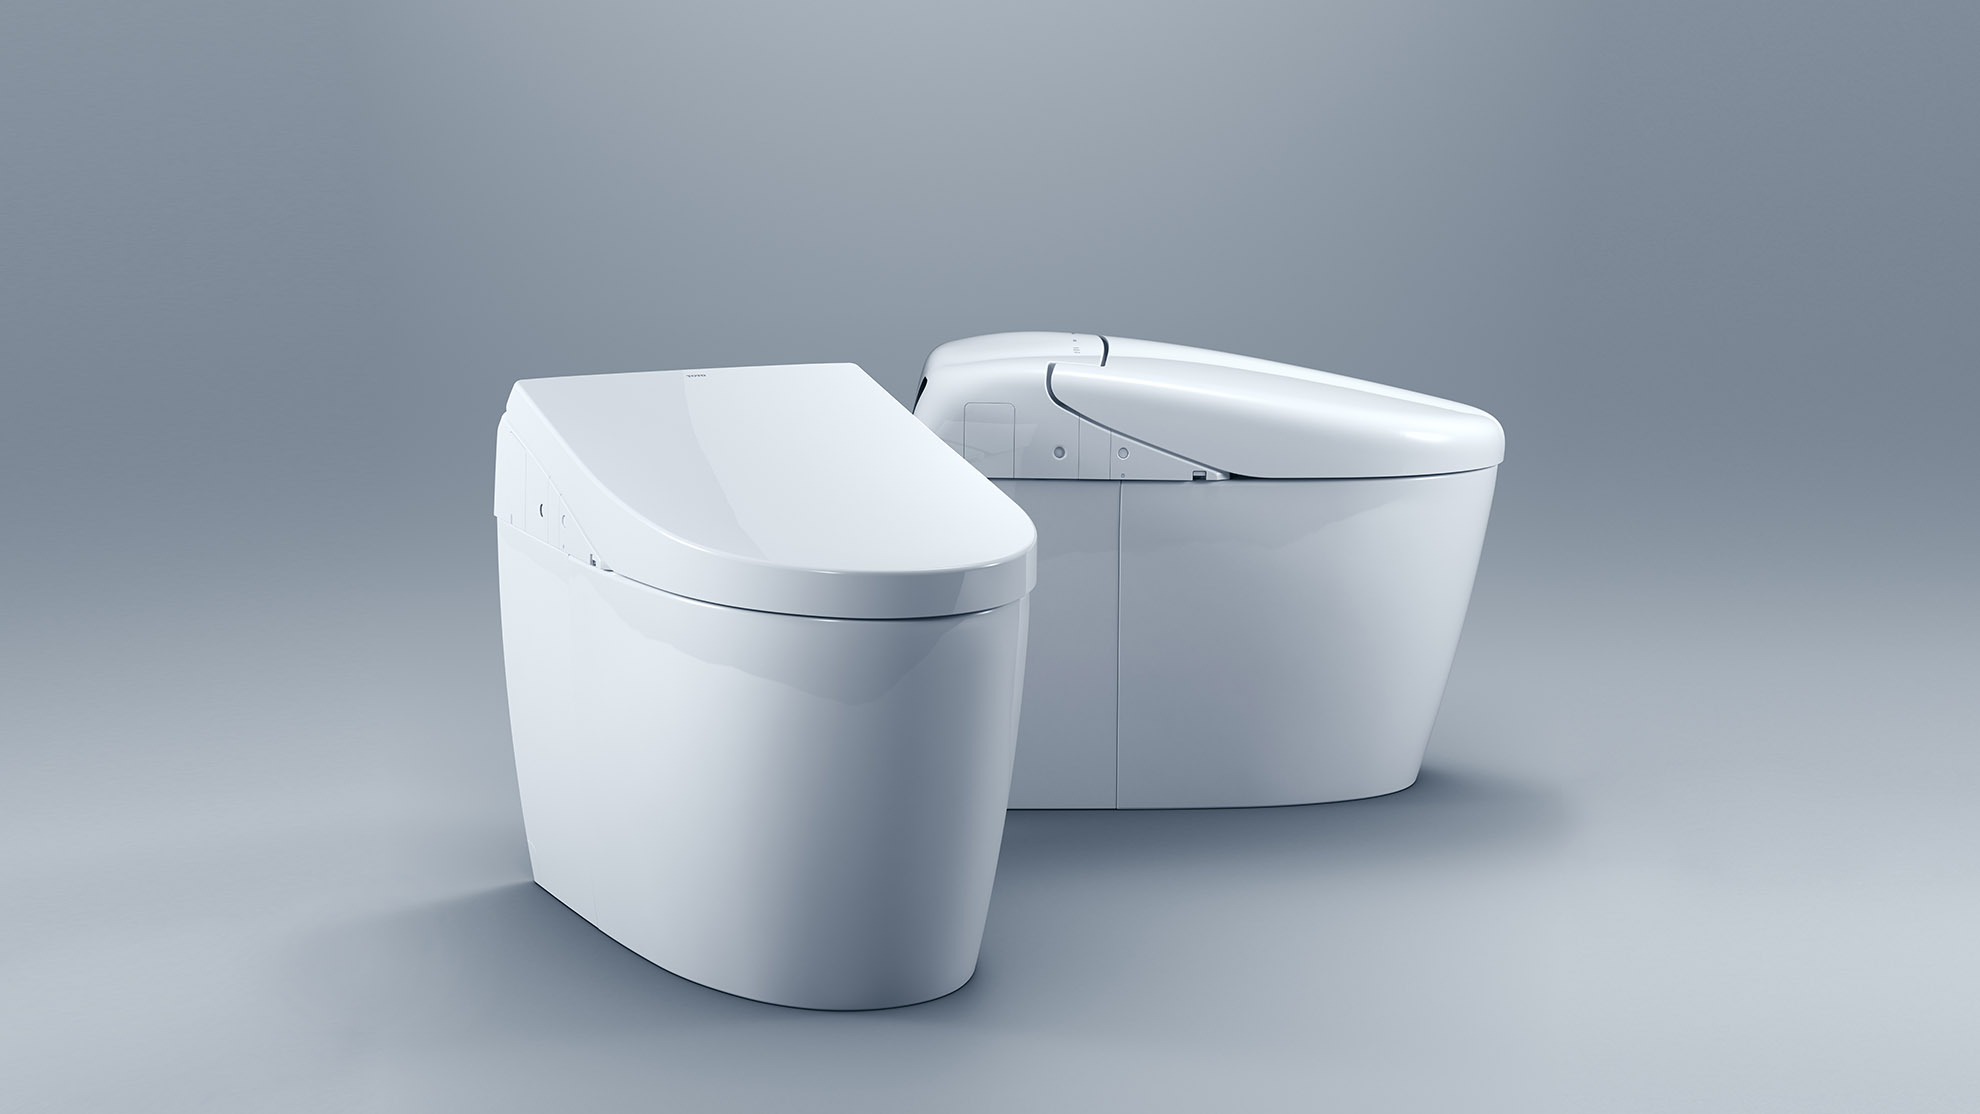 5 เรื่องต้องรู้ก่อนออกแบบห้องน้ำไฮเทคสไตล์ญี่ปุ่น 3